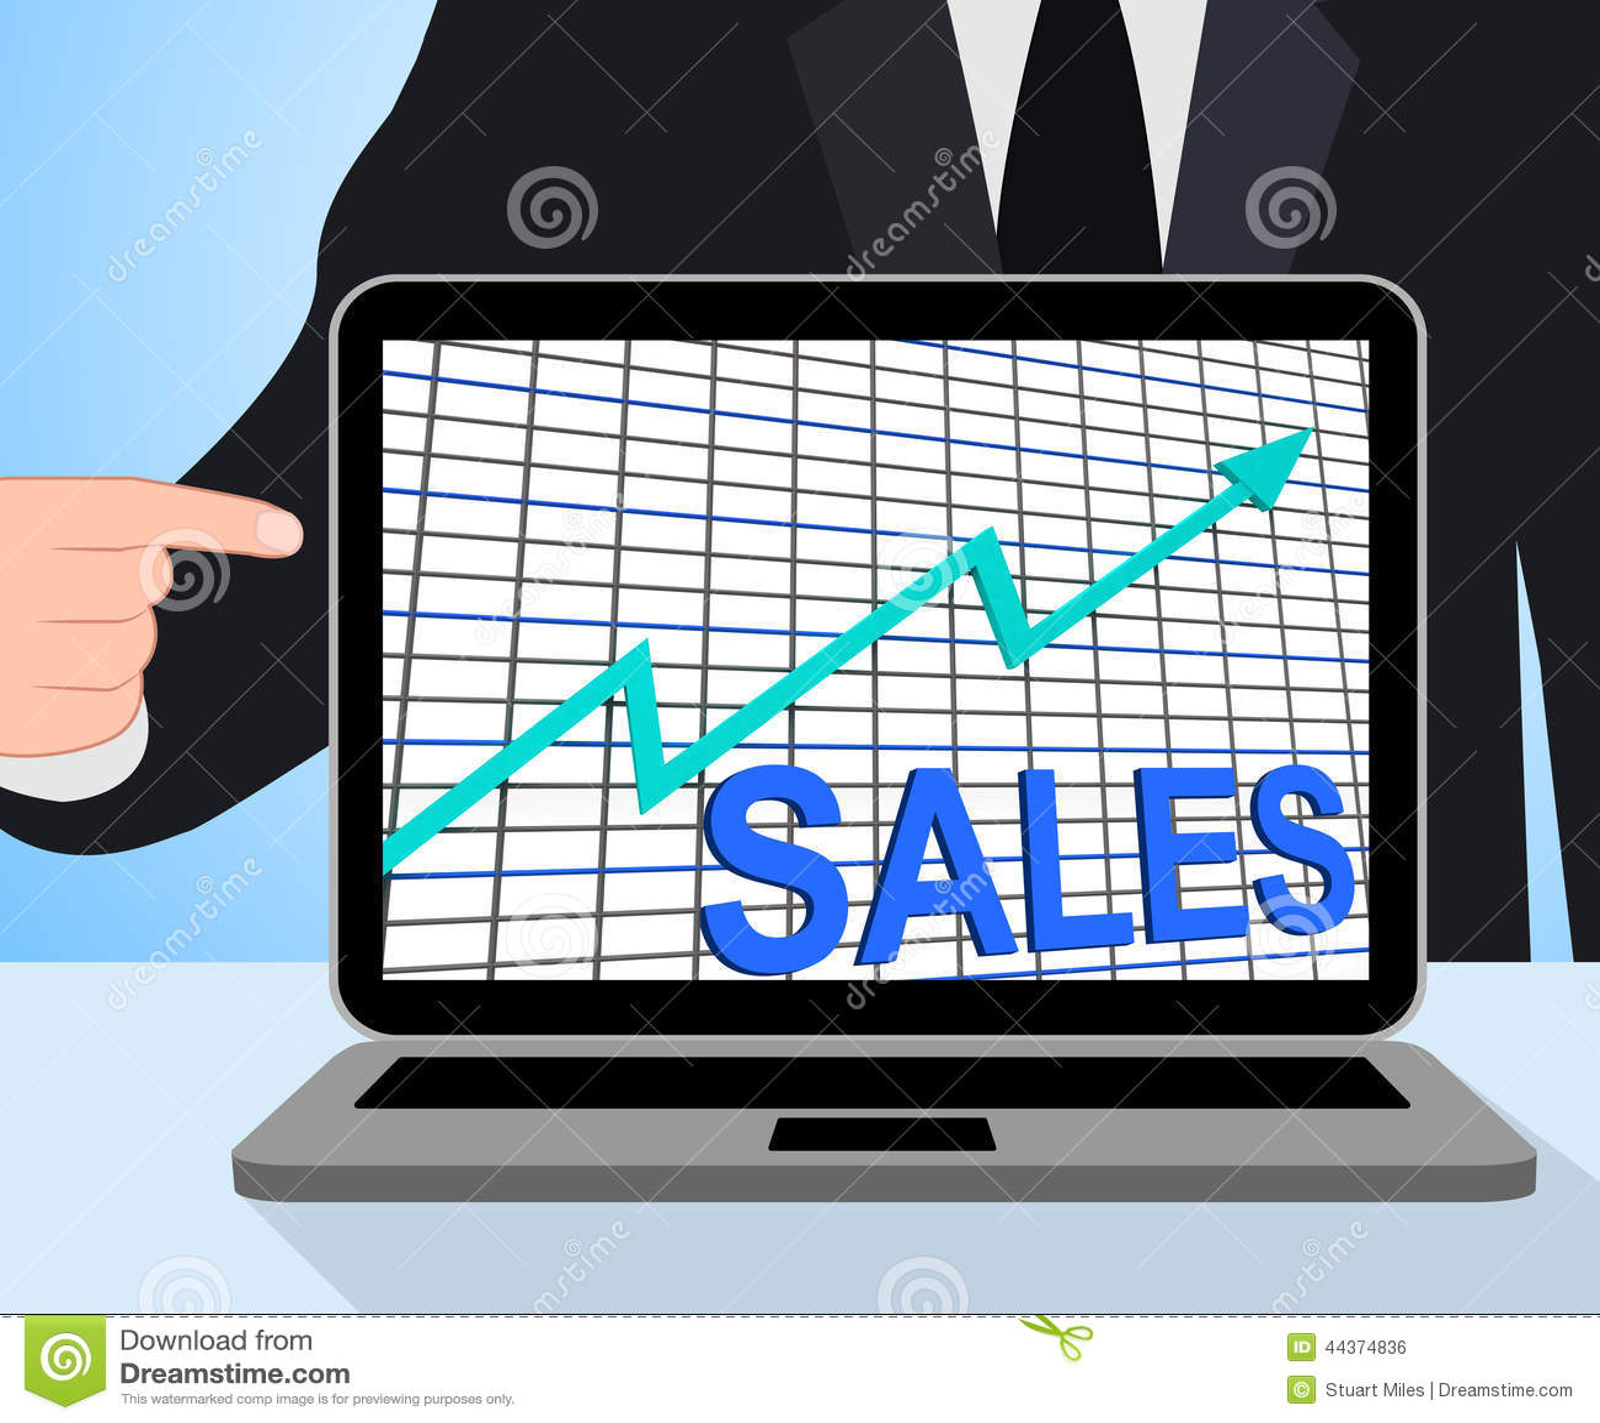 Esposizioni del grafico del grafico di vendite che aumentano commercio di profitti